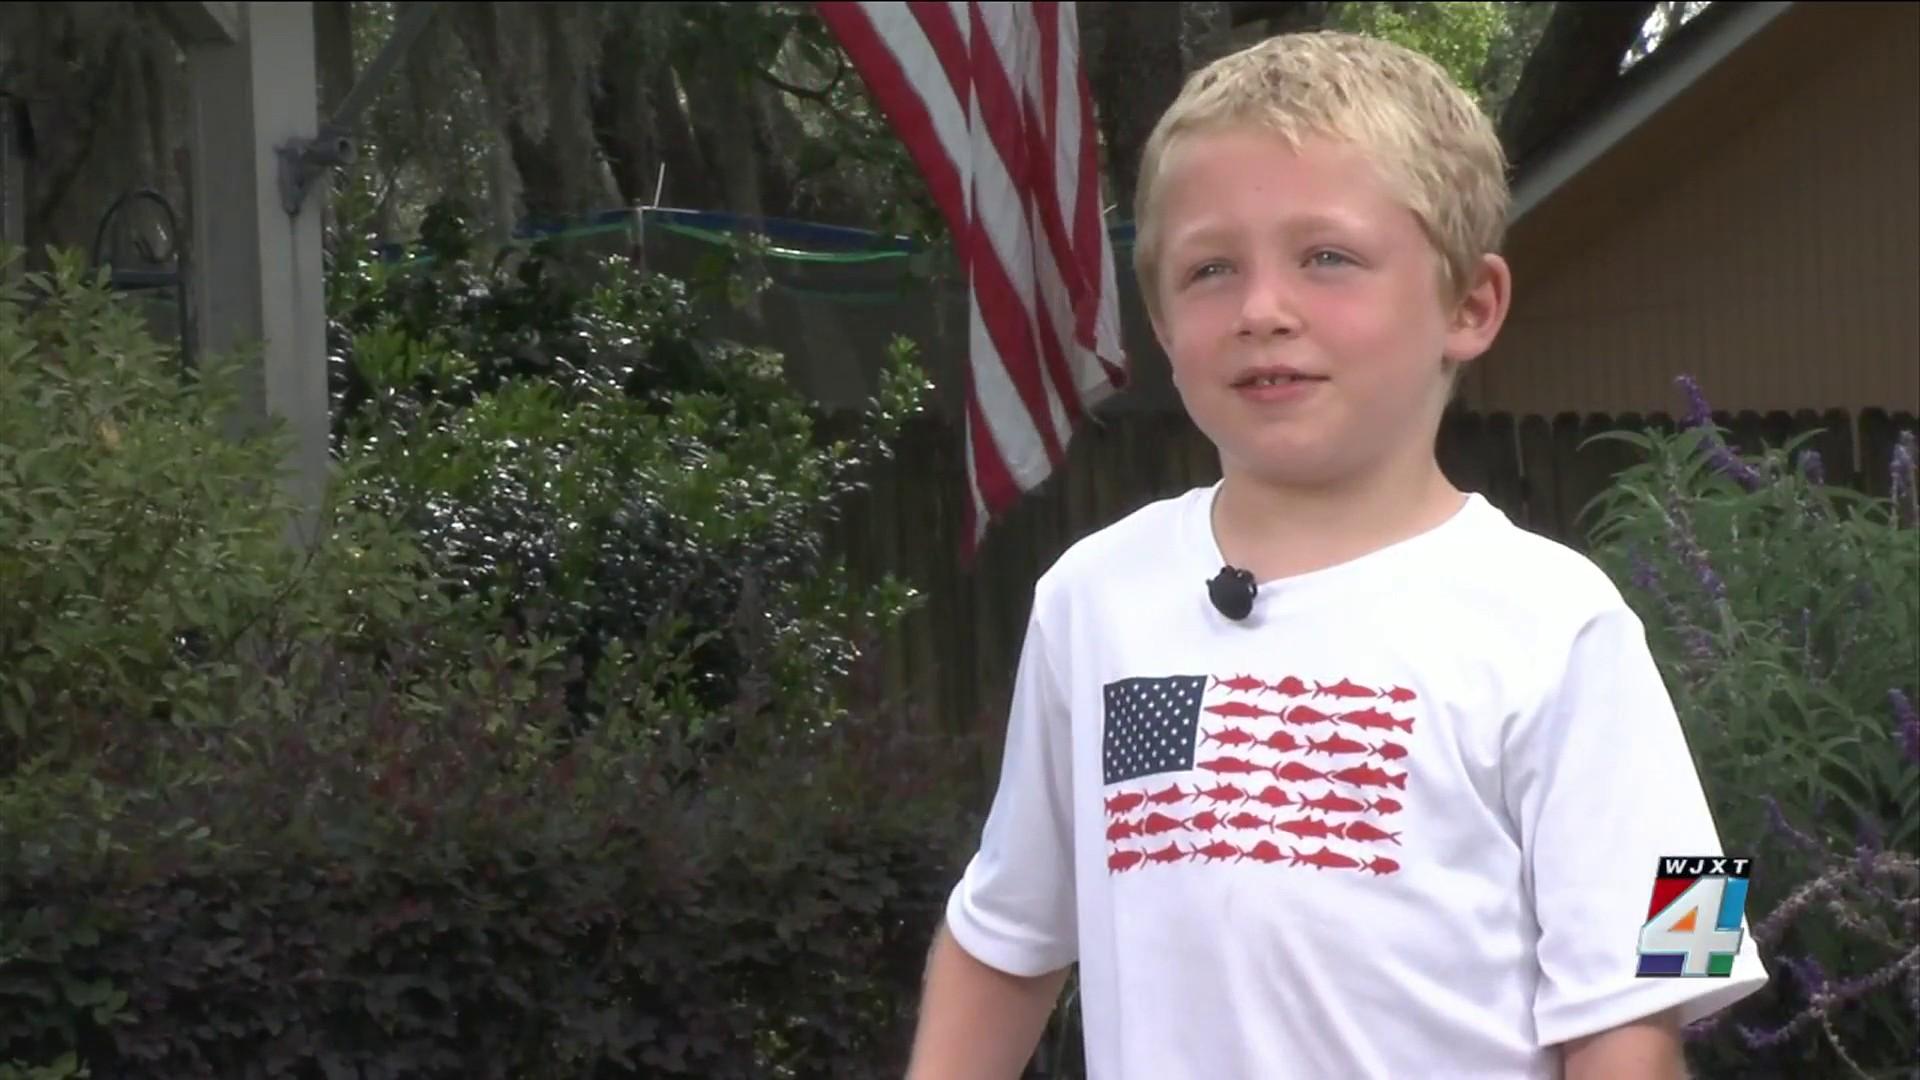 Cậu bé Chase 7 tuổi đã cứu sống được bố và em gái mình khỏi chết đuối - Ảnh: News4jax